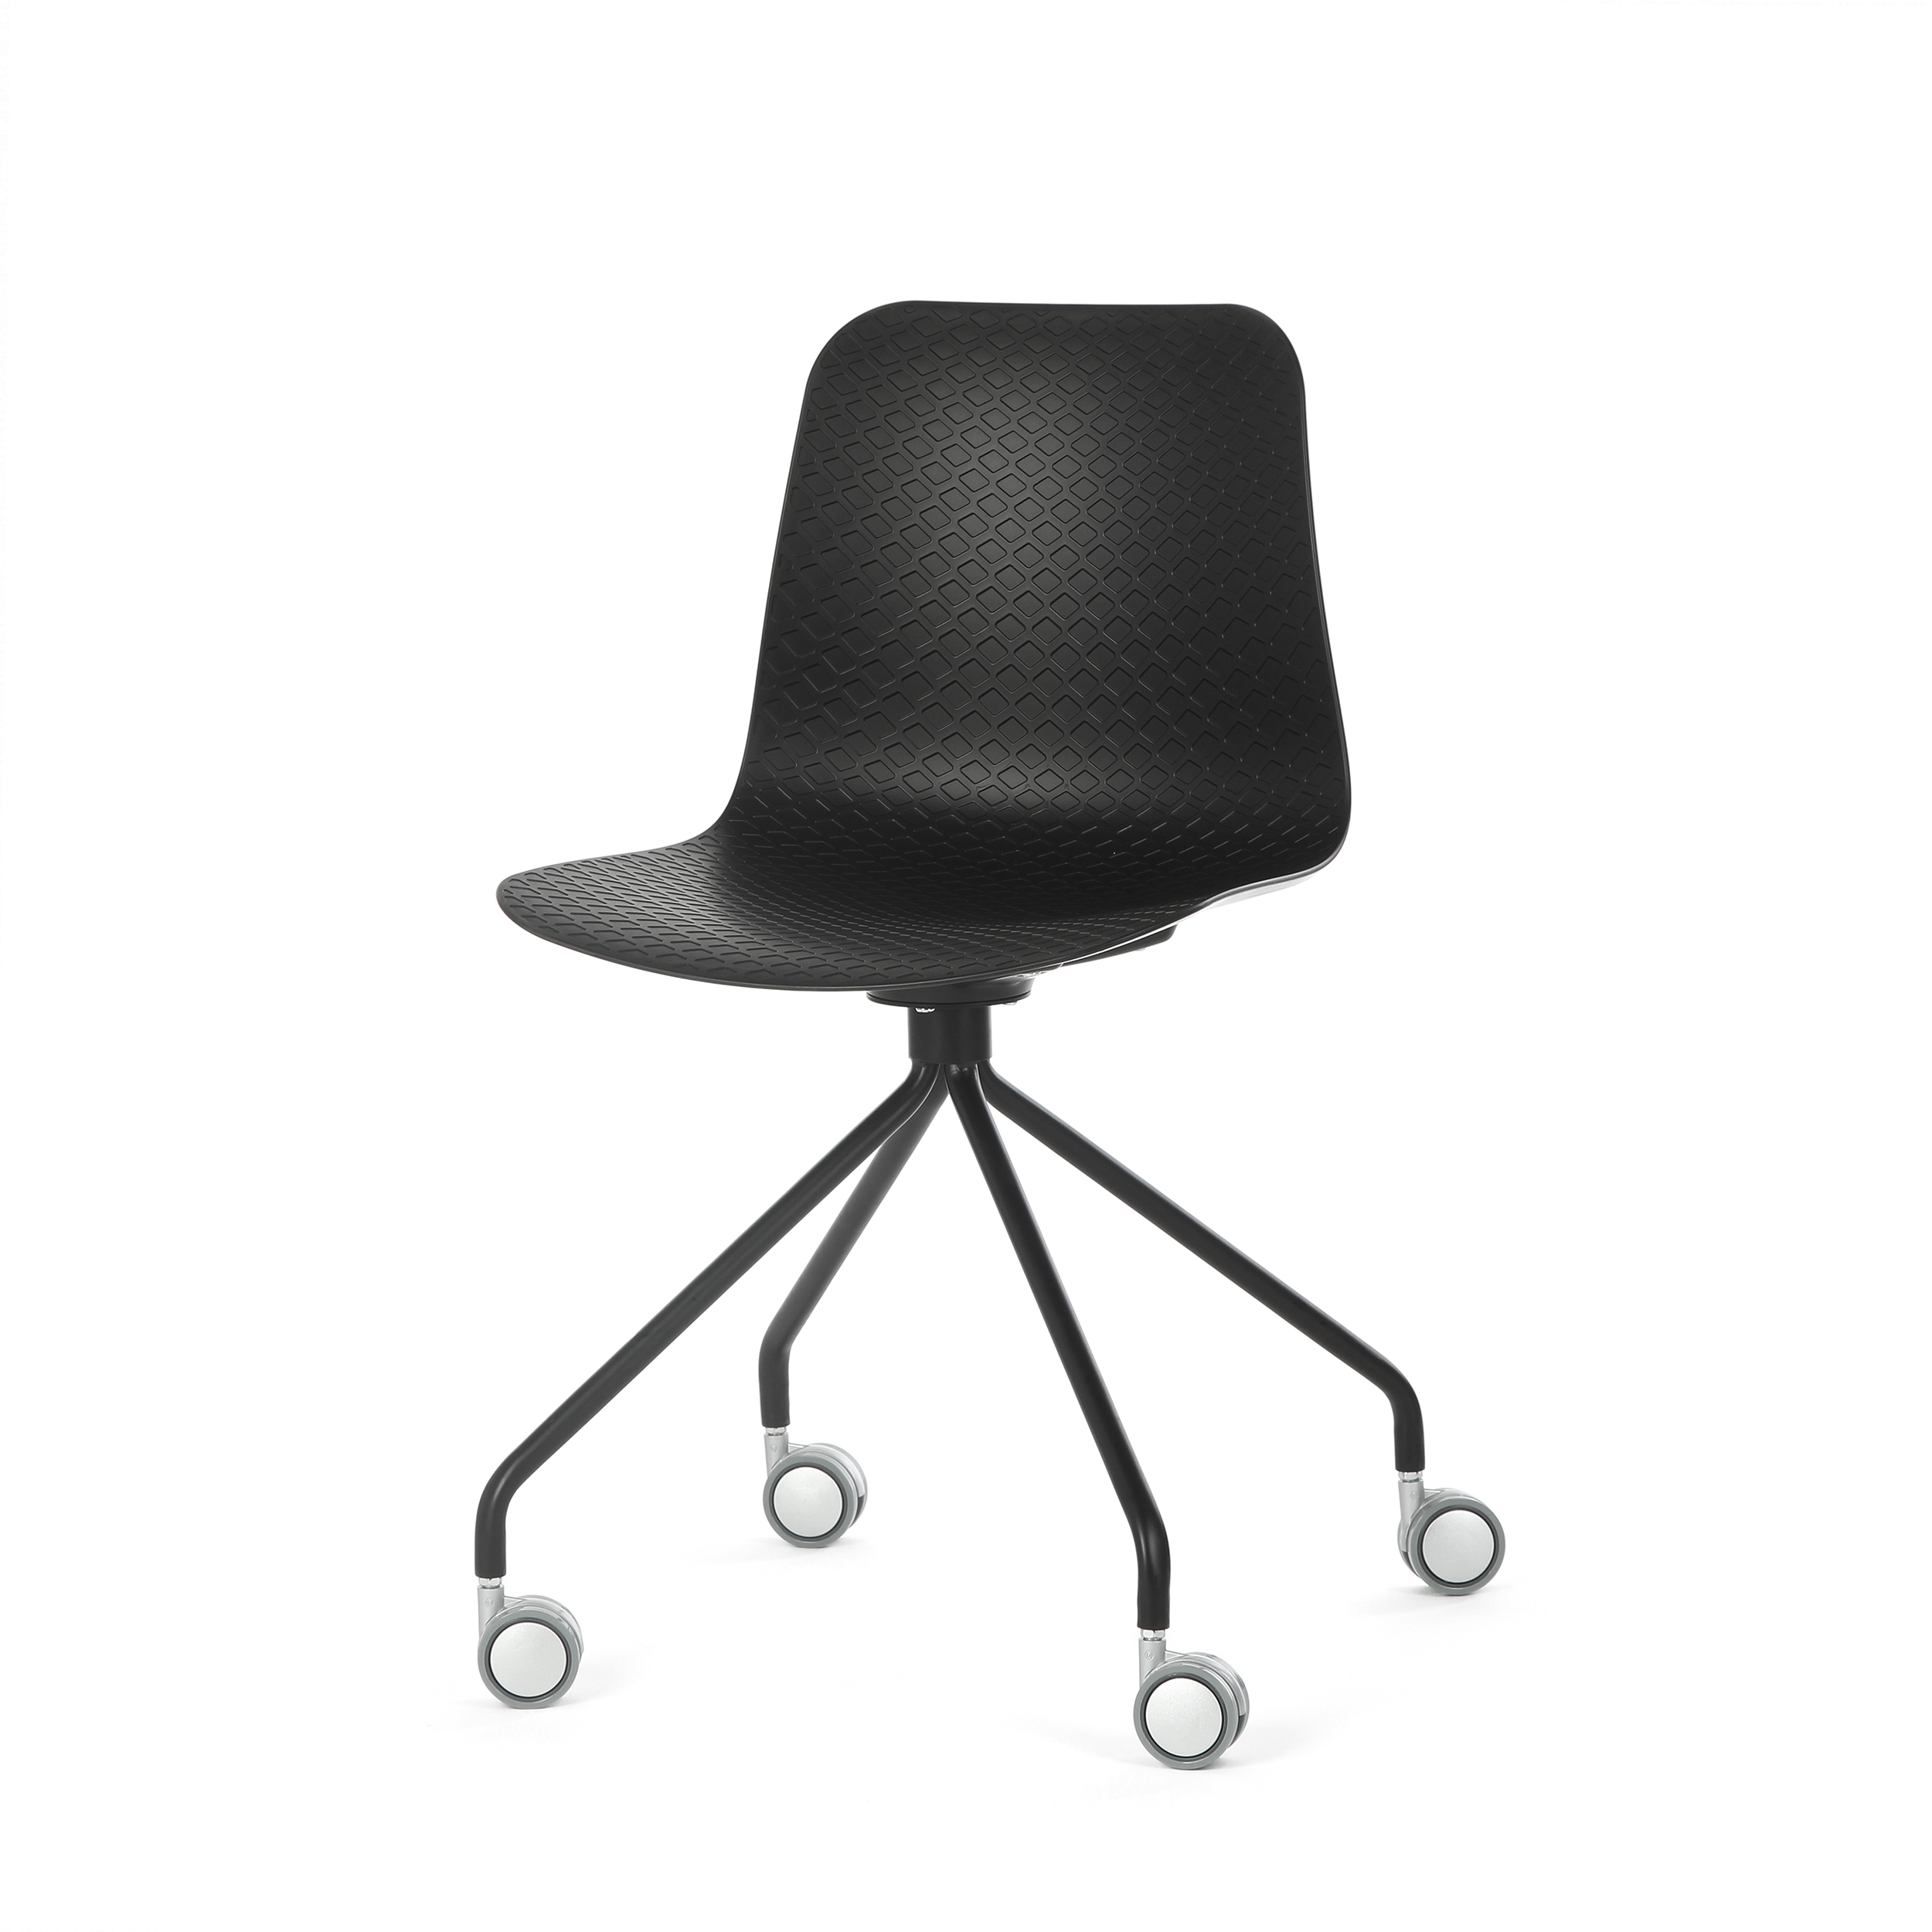 Стул Glide на колесикахИнтерьерные<br>Дизайнерский черно-белый стул Glide (Глайд) из пластика на стальных ножках с колесиками от Cosmo (Космо).<br>Glide — небольшая коллекция интерьерных стульев, выполненная  в соответствии с высокими требованиями к комфорту. Их дизайн разработан для дома, офиса и общественных мест. Модели коллекции отличаются ножками — их цветом, формой и стилем. Дизайнер хотел создать универсальную линейку, в которой любой сможет найти себе подходящий вариант.<br> <br> Сиденье изготовлено из полипропилена — современн...<br><br>stock: 30<br>Высота: 81<br>Высота спинки: 45<br>Ширина: 47<br>Глубина: 48<br>Цвет ножек: Черный<br>Цвет сидения: Черный<br>Тип материала сидения: Полипропилен<br>Тип материала ножек: Сталь